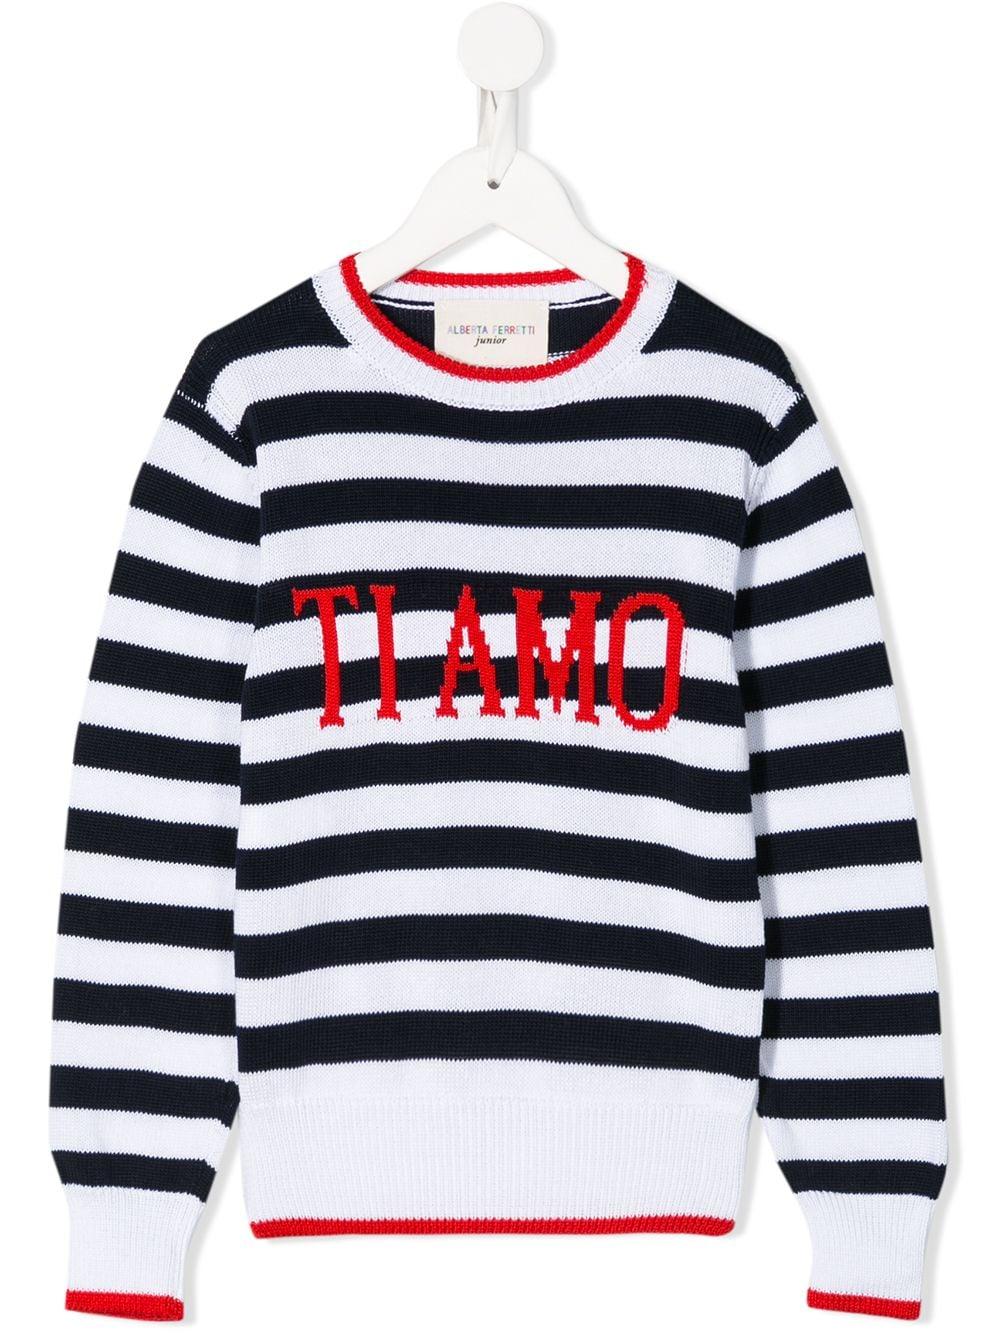 Sweater Alberta Ferretti  ALBERTA FERRETTI JUNIOR | 1 | 022182060